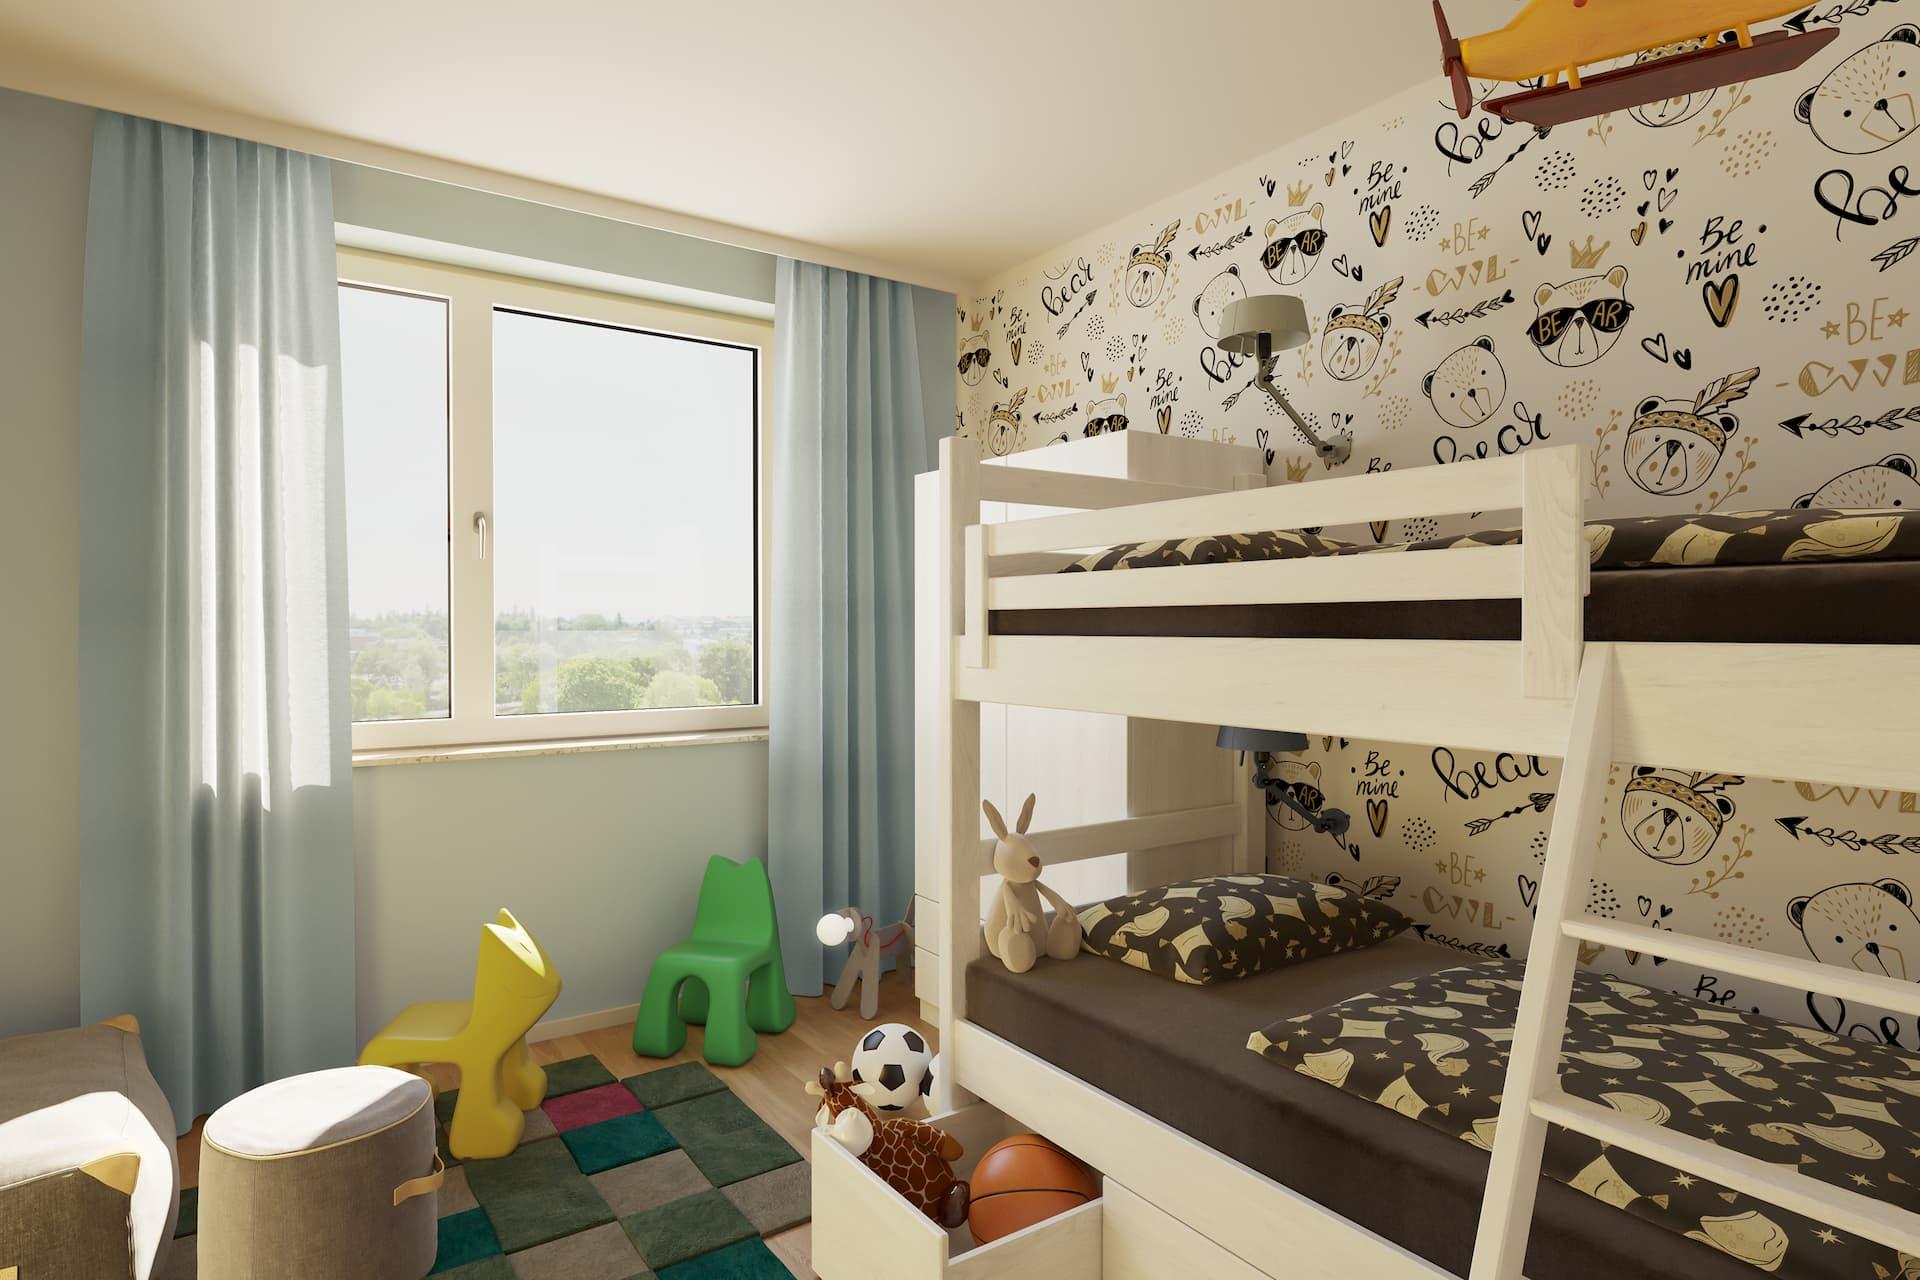 Kinderzimmer in einem LIHA Haus